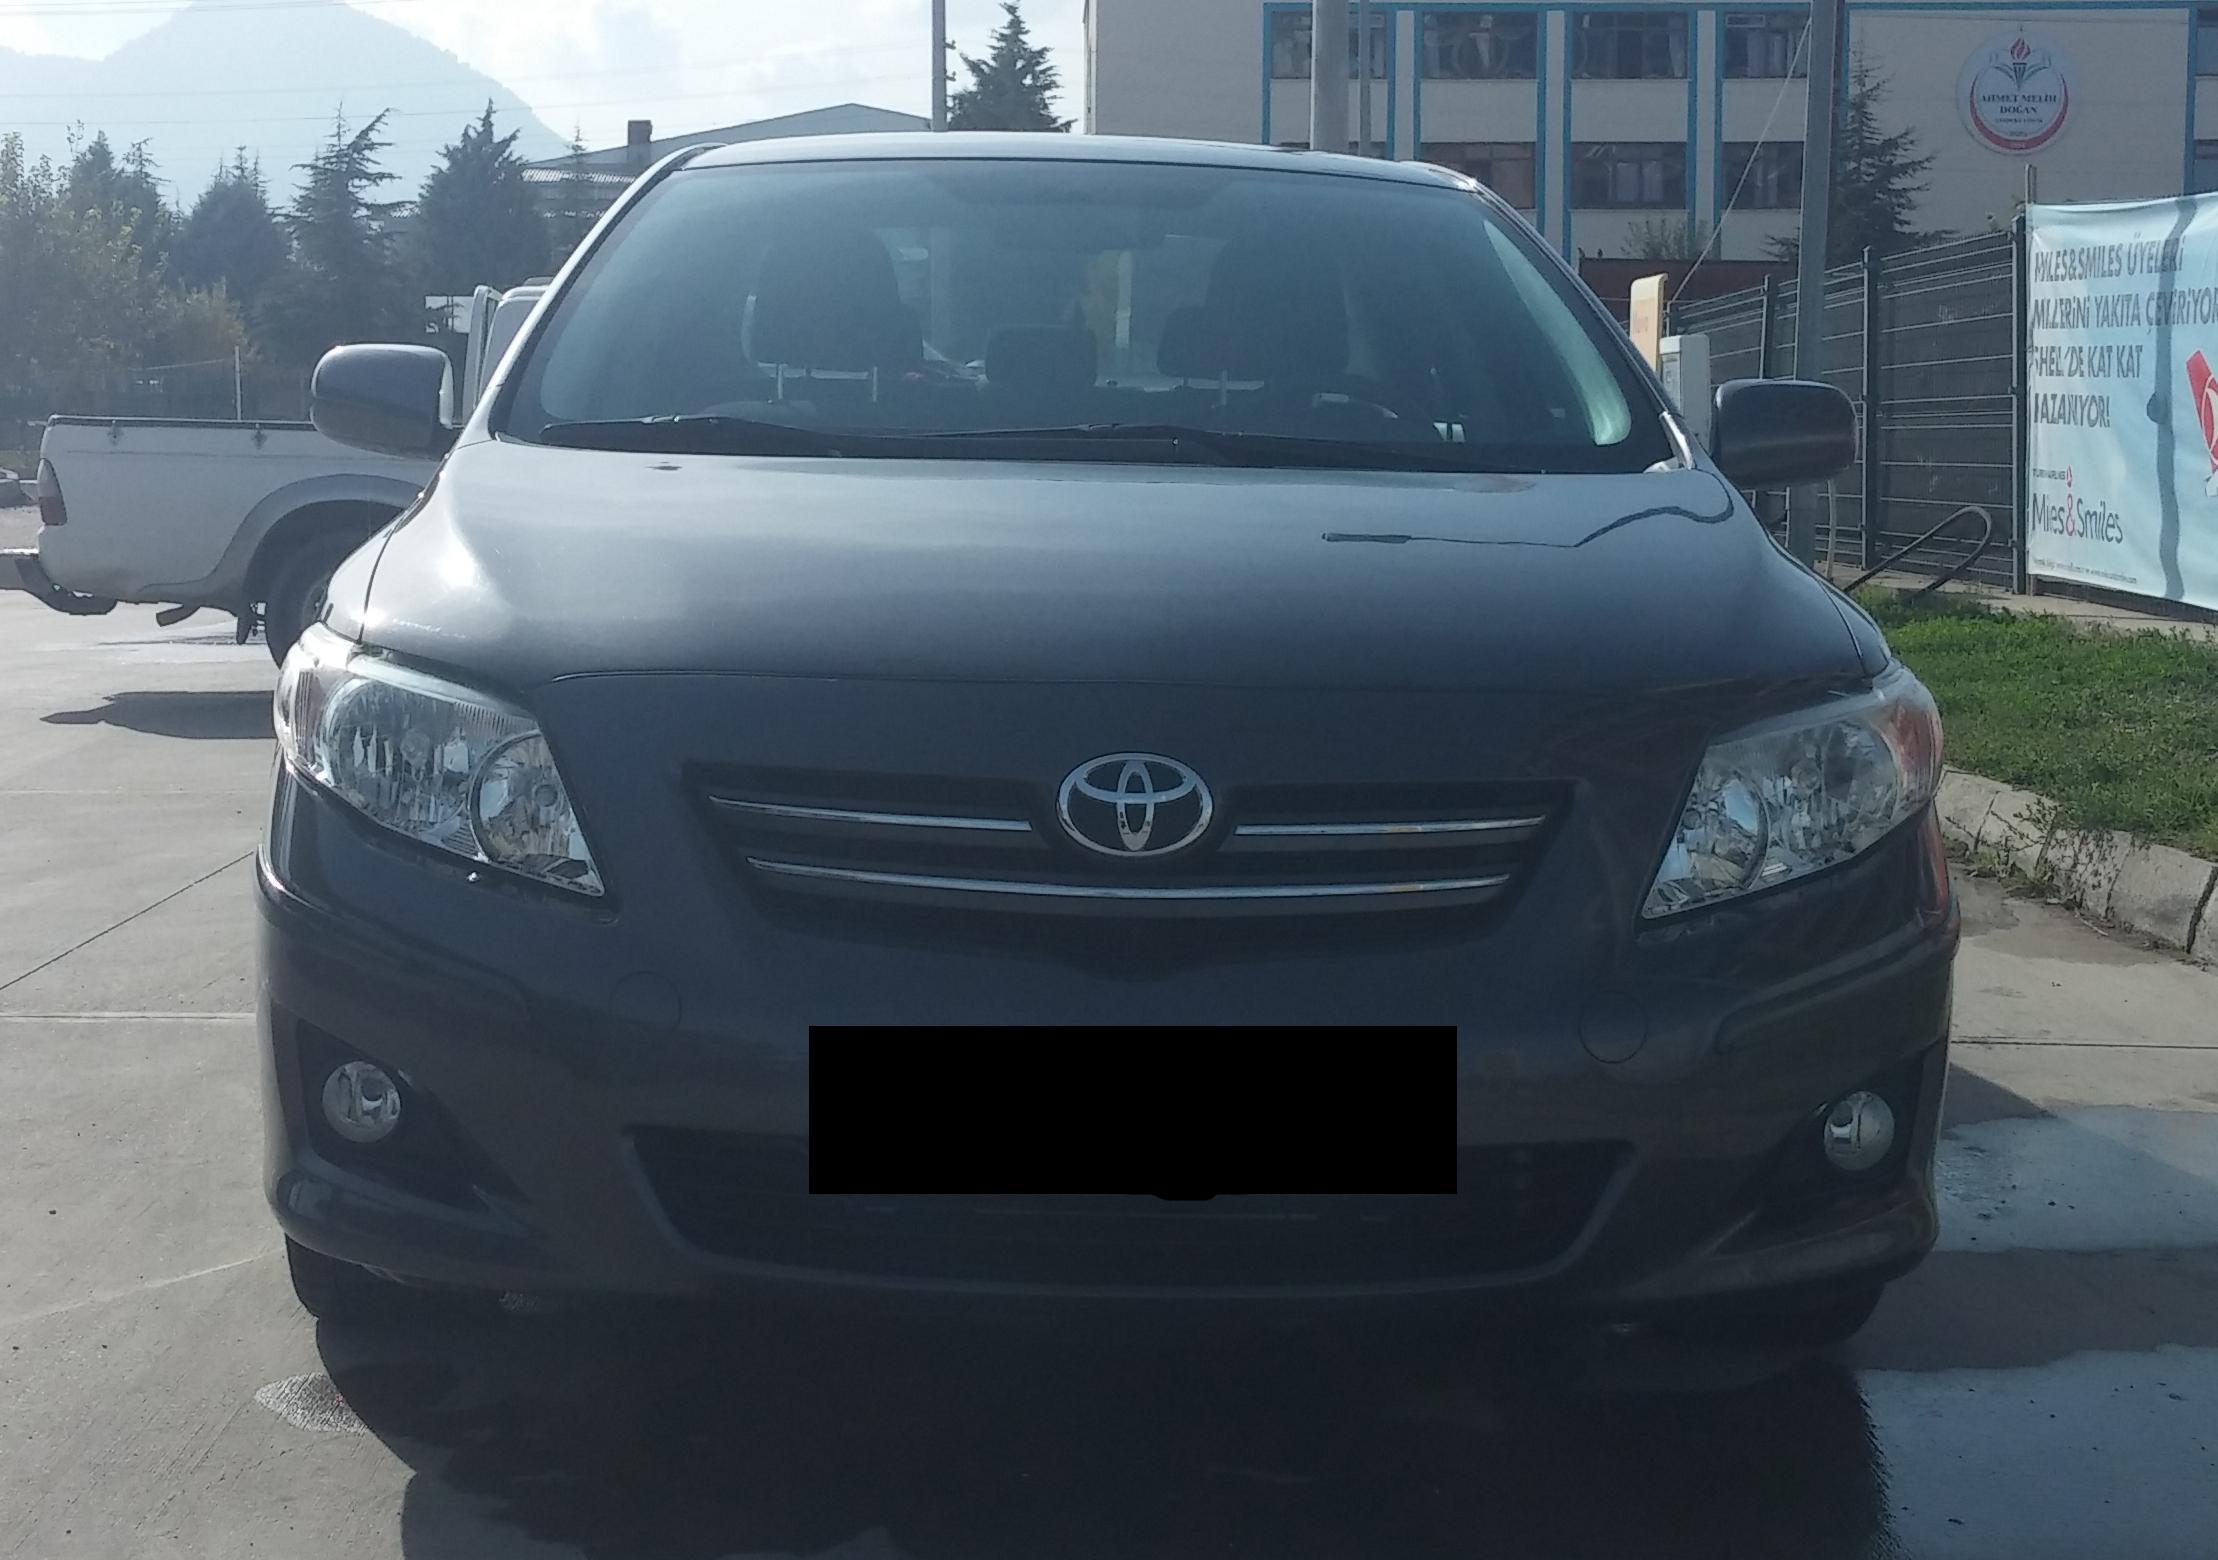 Toyota Corolla D-4D nasıl bir araba?